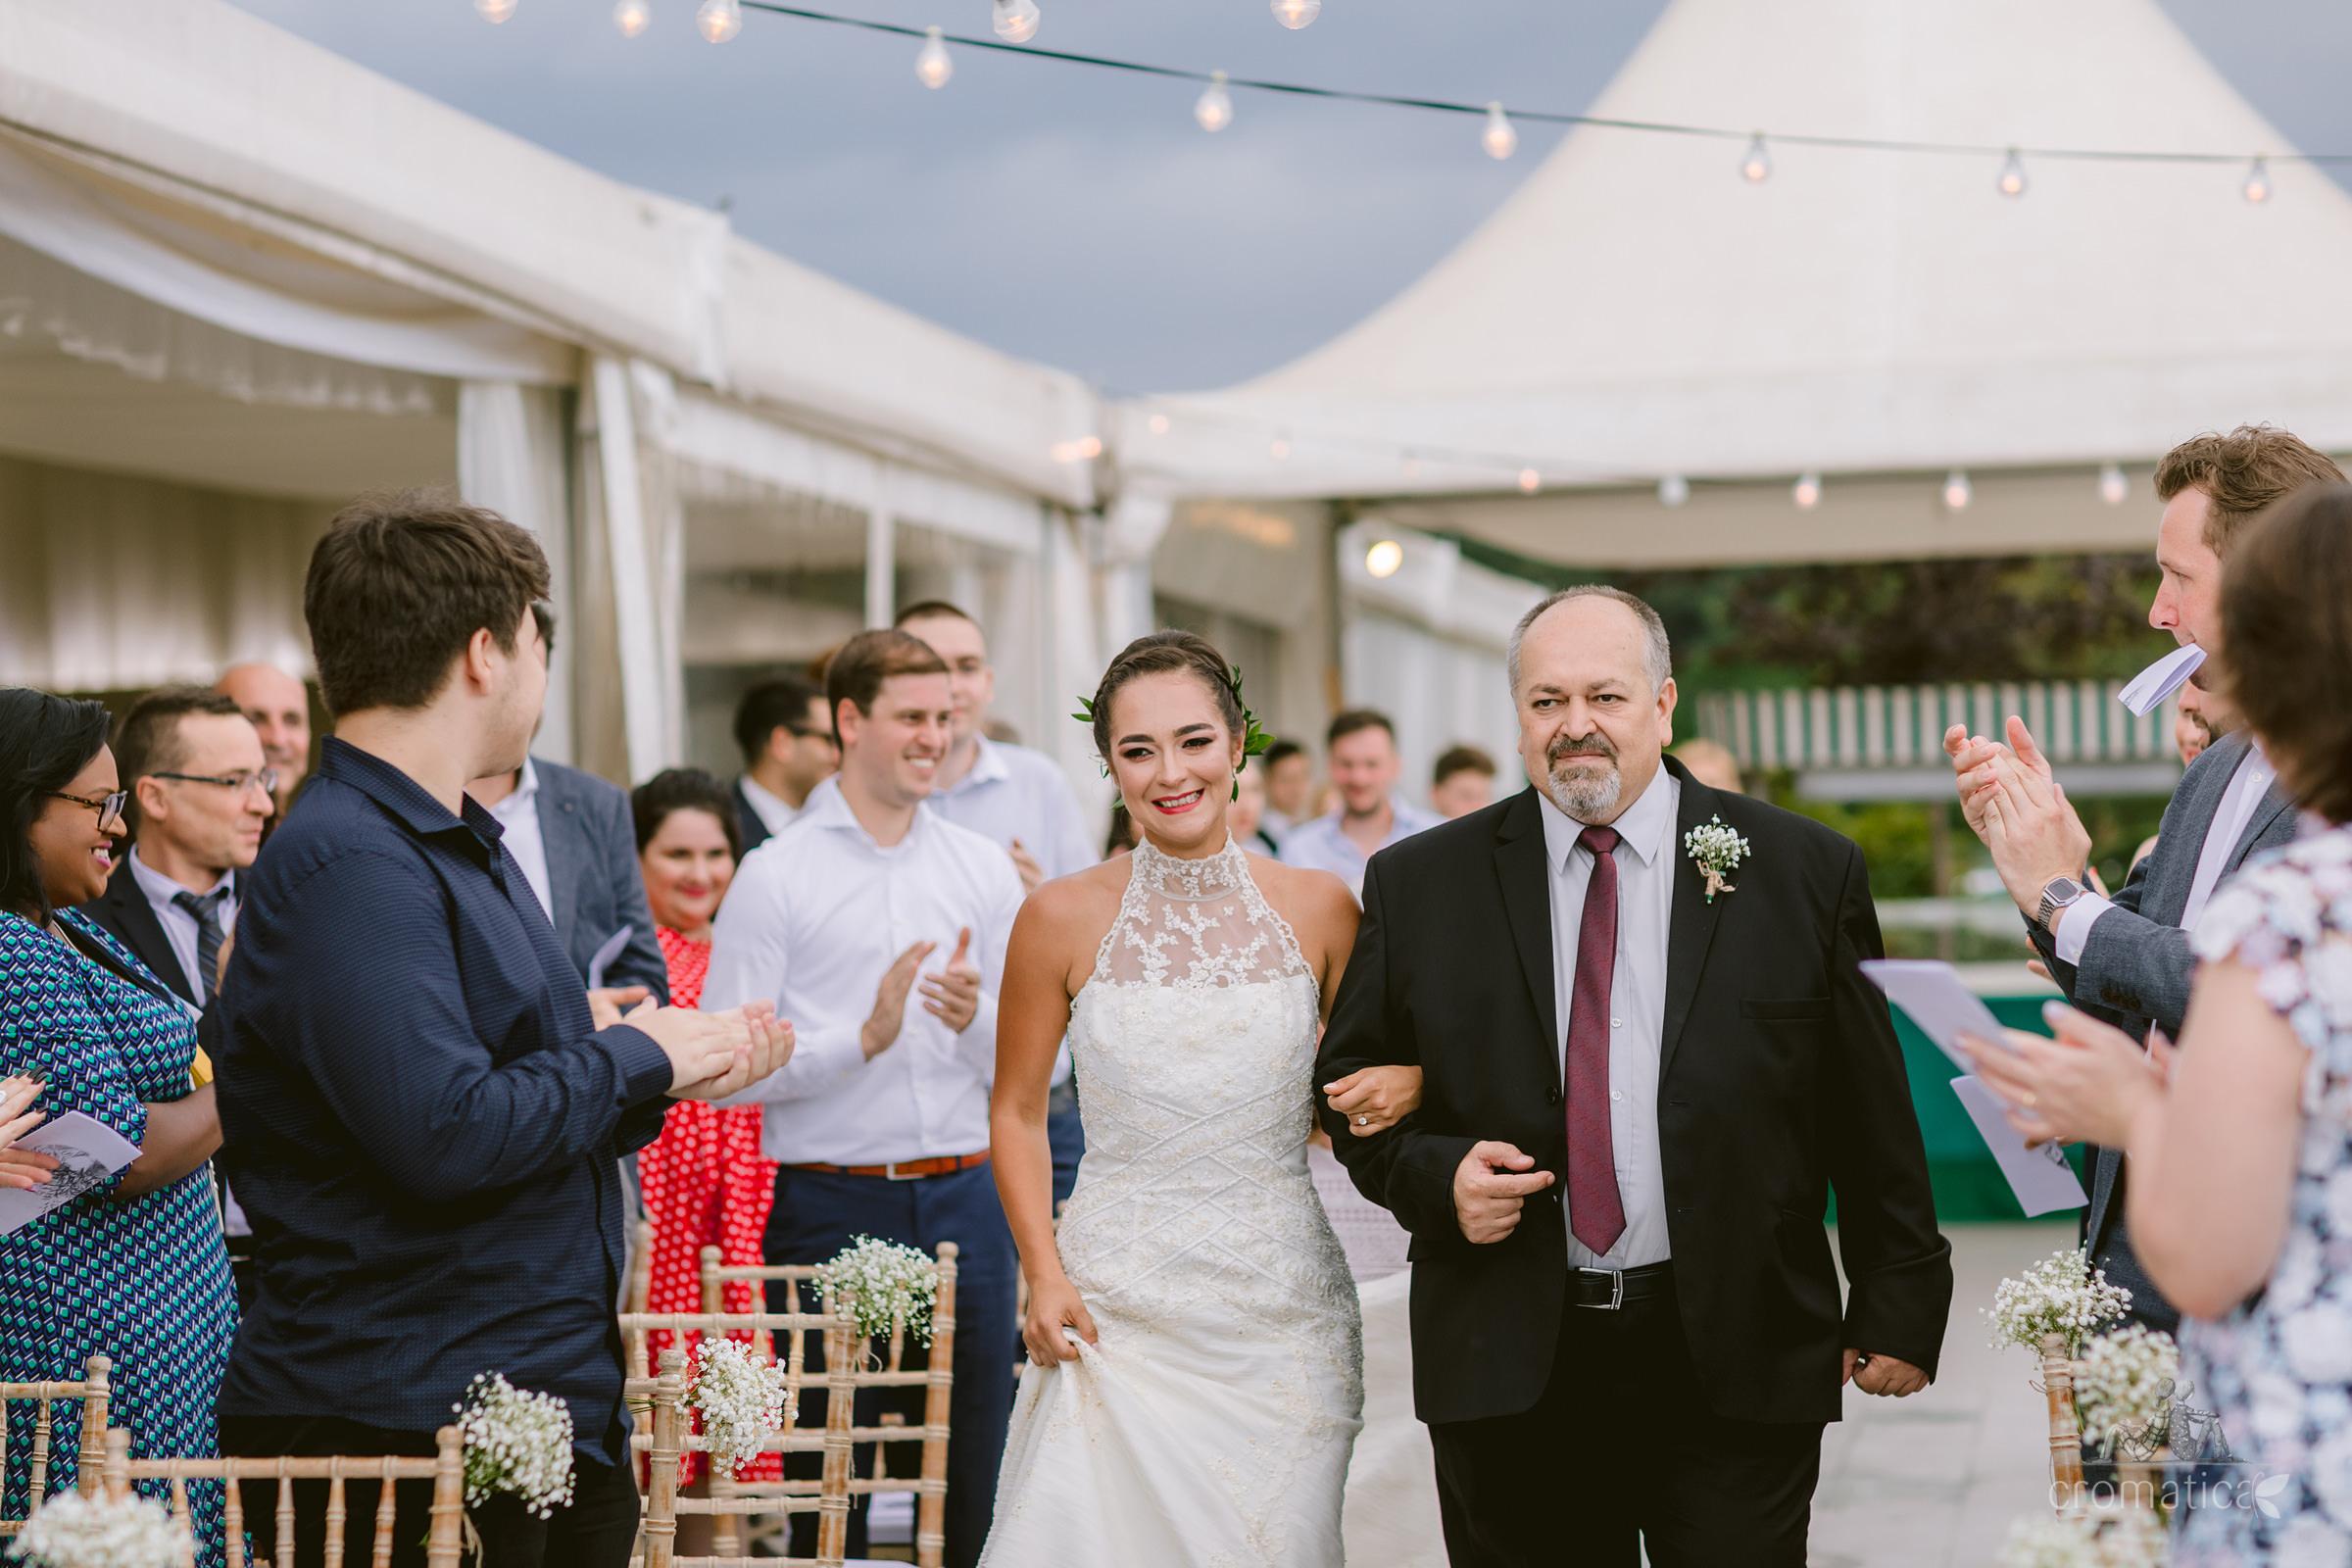 georgiana robert fotografii nunta casa vlasia 044